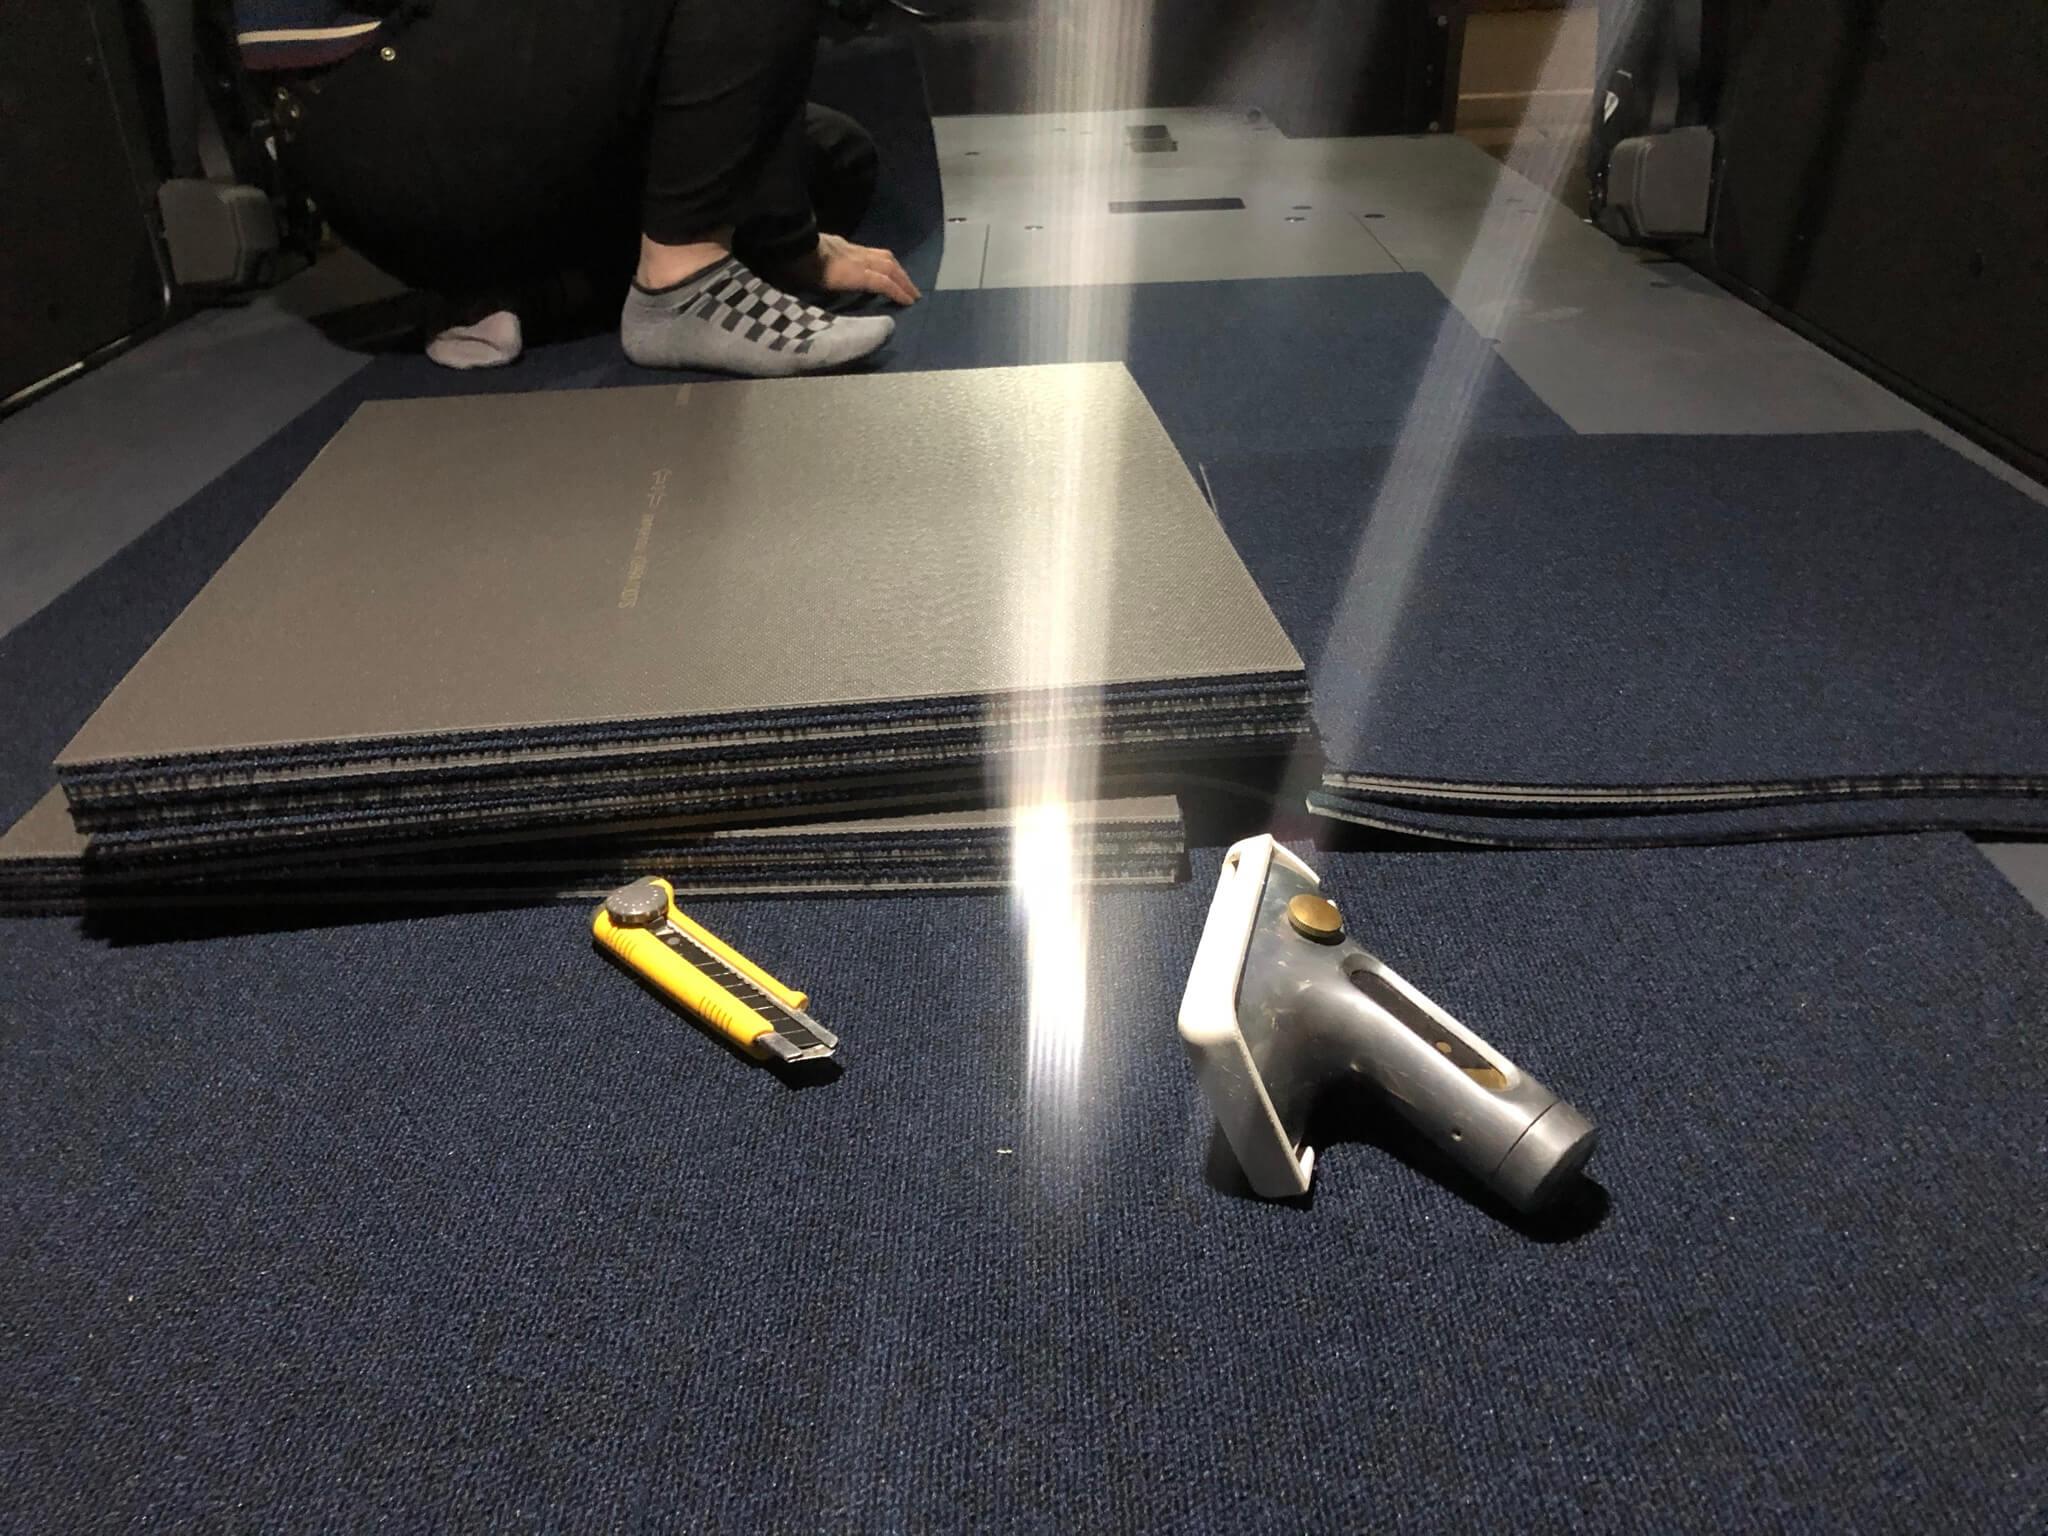 nv350の荷台のカーペット貼り(作業中)